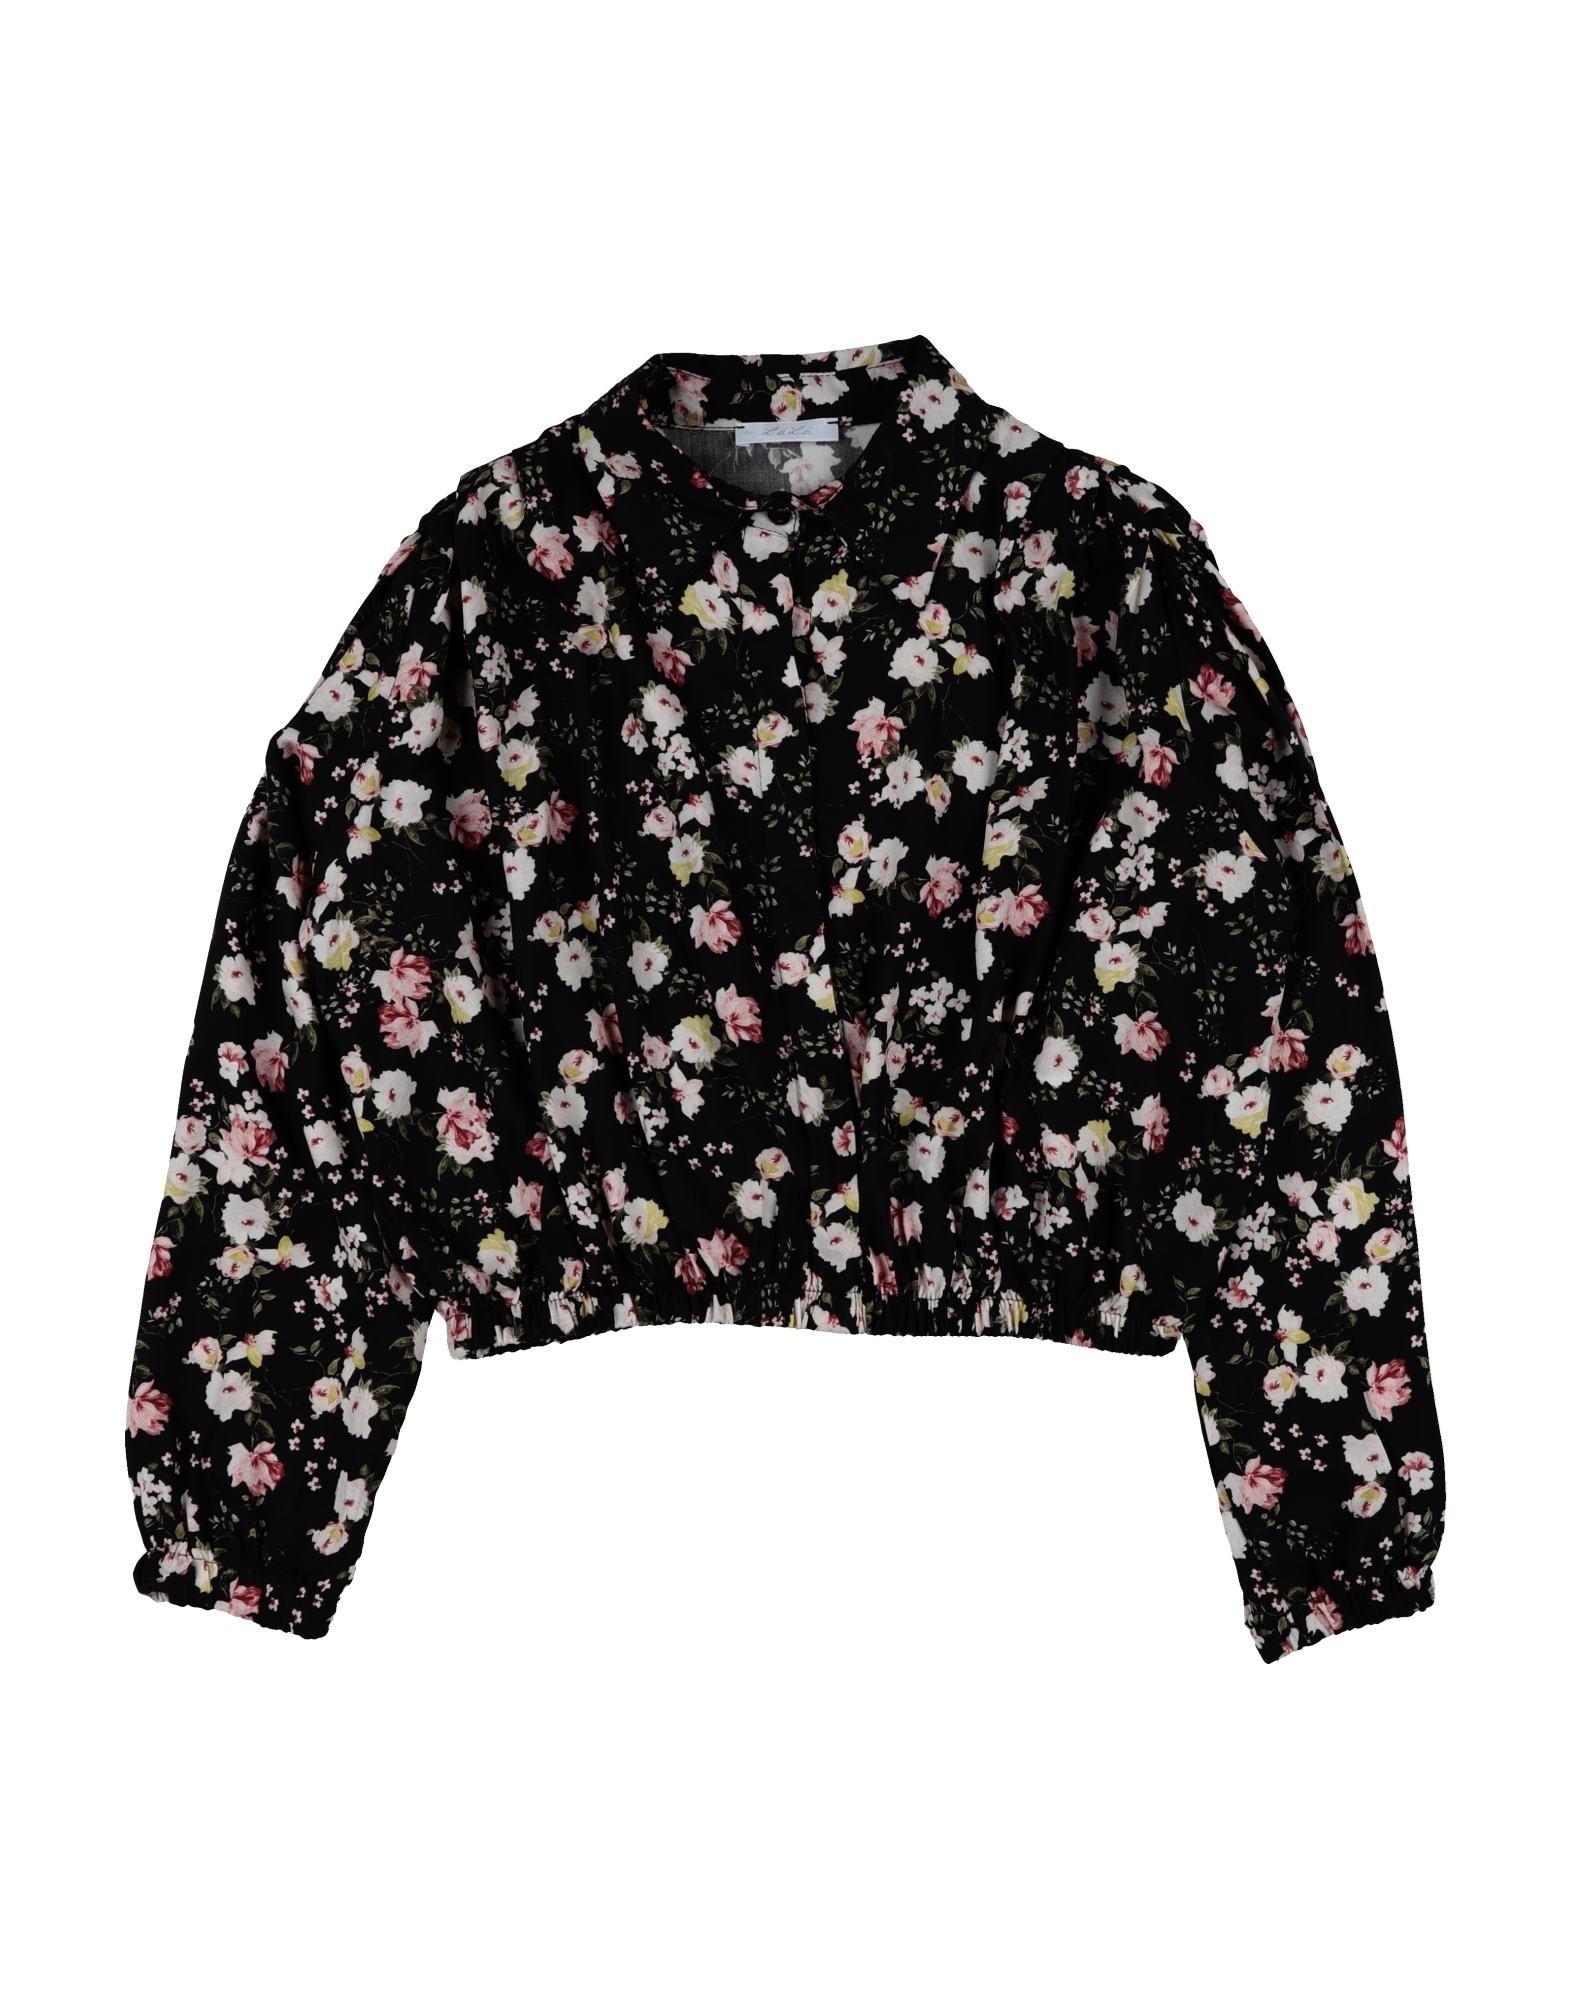 martin grant блузка L:Ú L:Ú by MISS GRANT Блузка